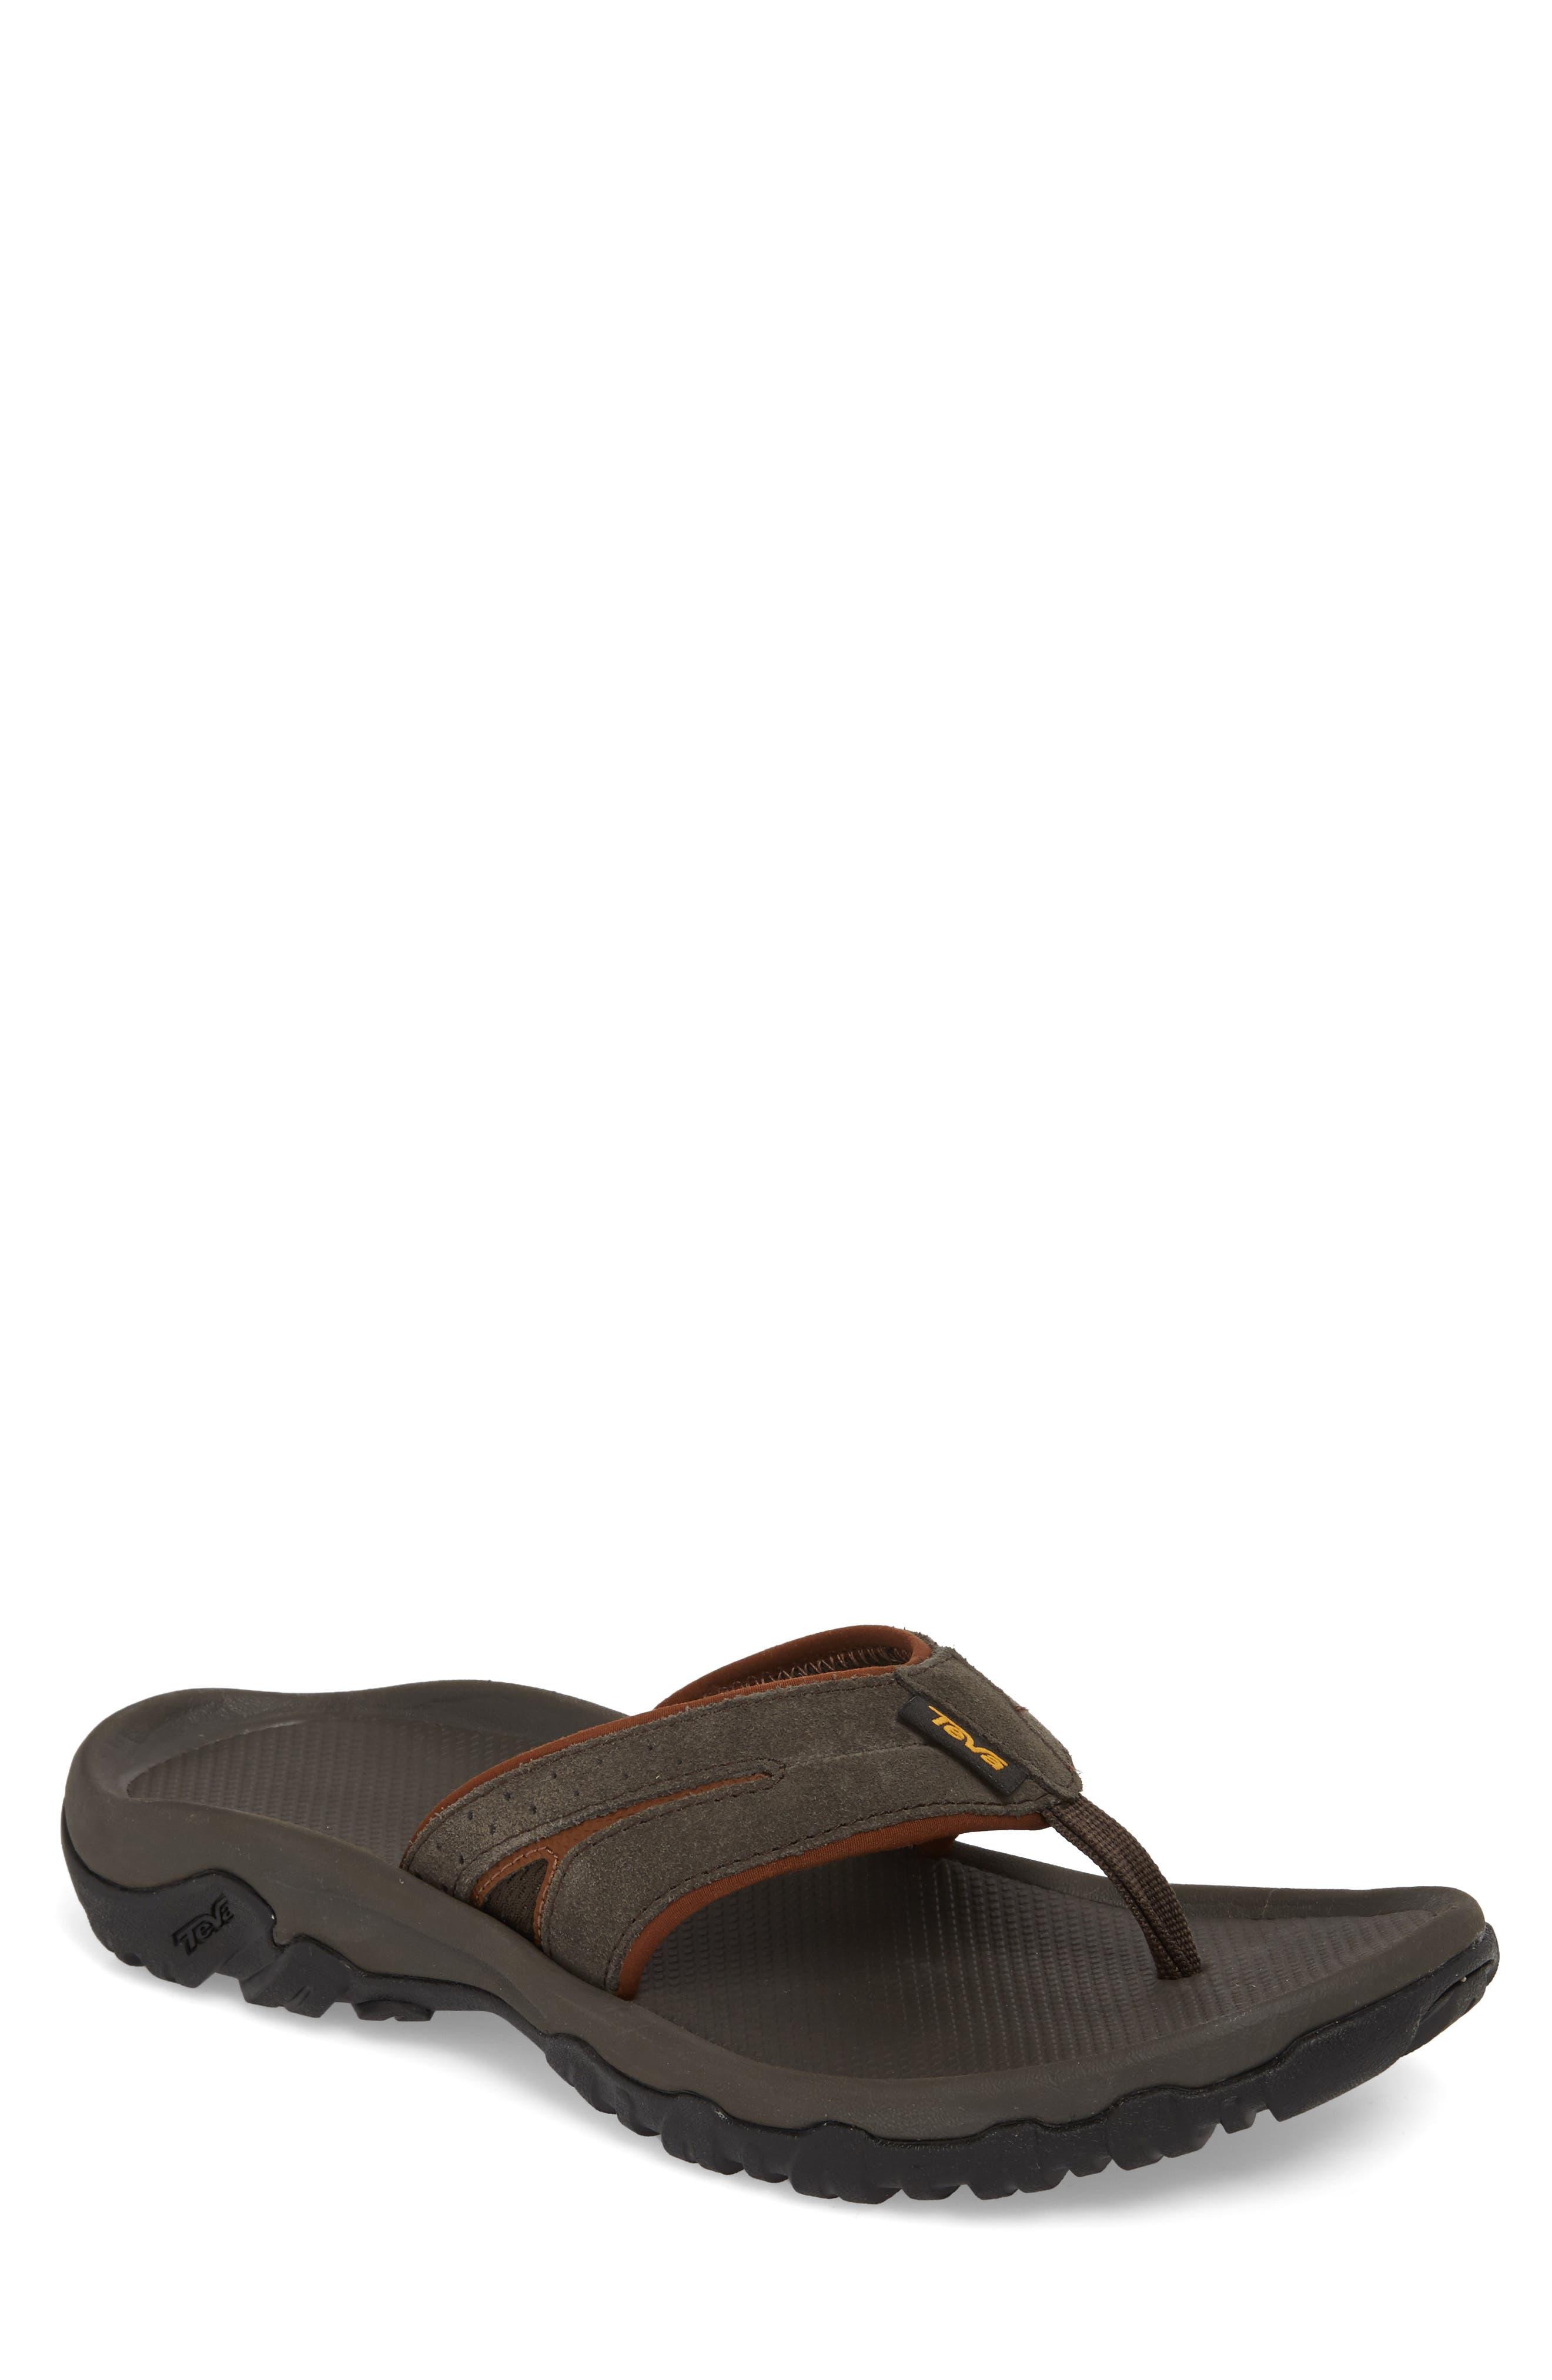 Katavi 2 Flip Flop,                         Main,                         color, Black/ Olive Suede